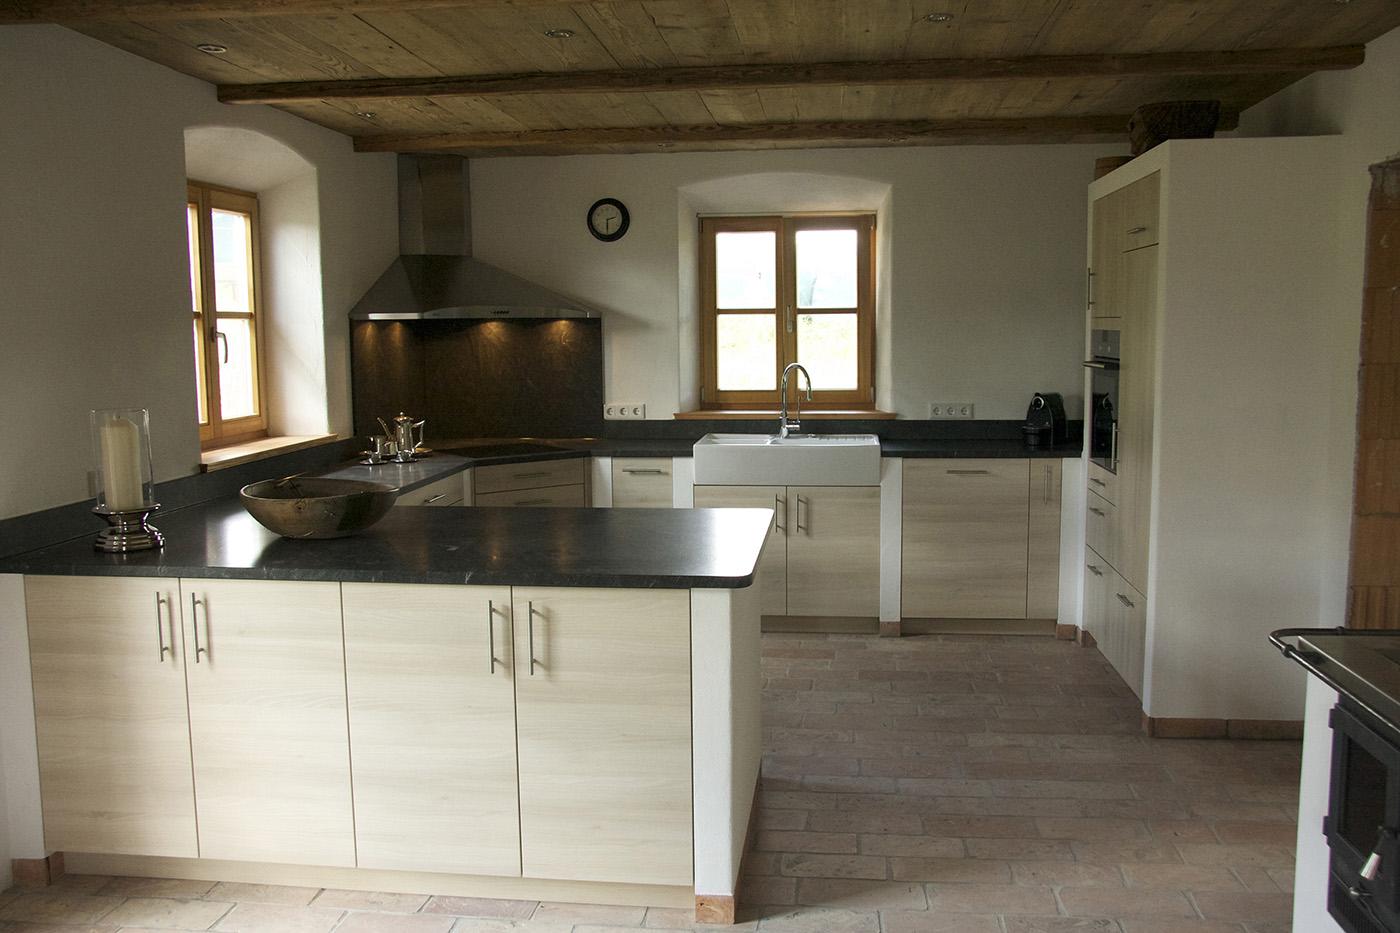 Küchenideen Landhaus home reeb küchen design